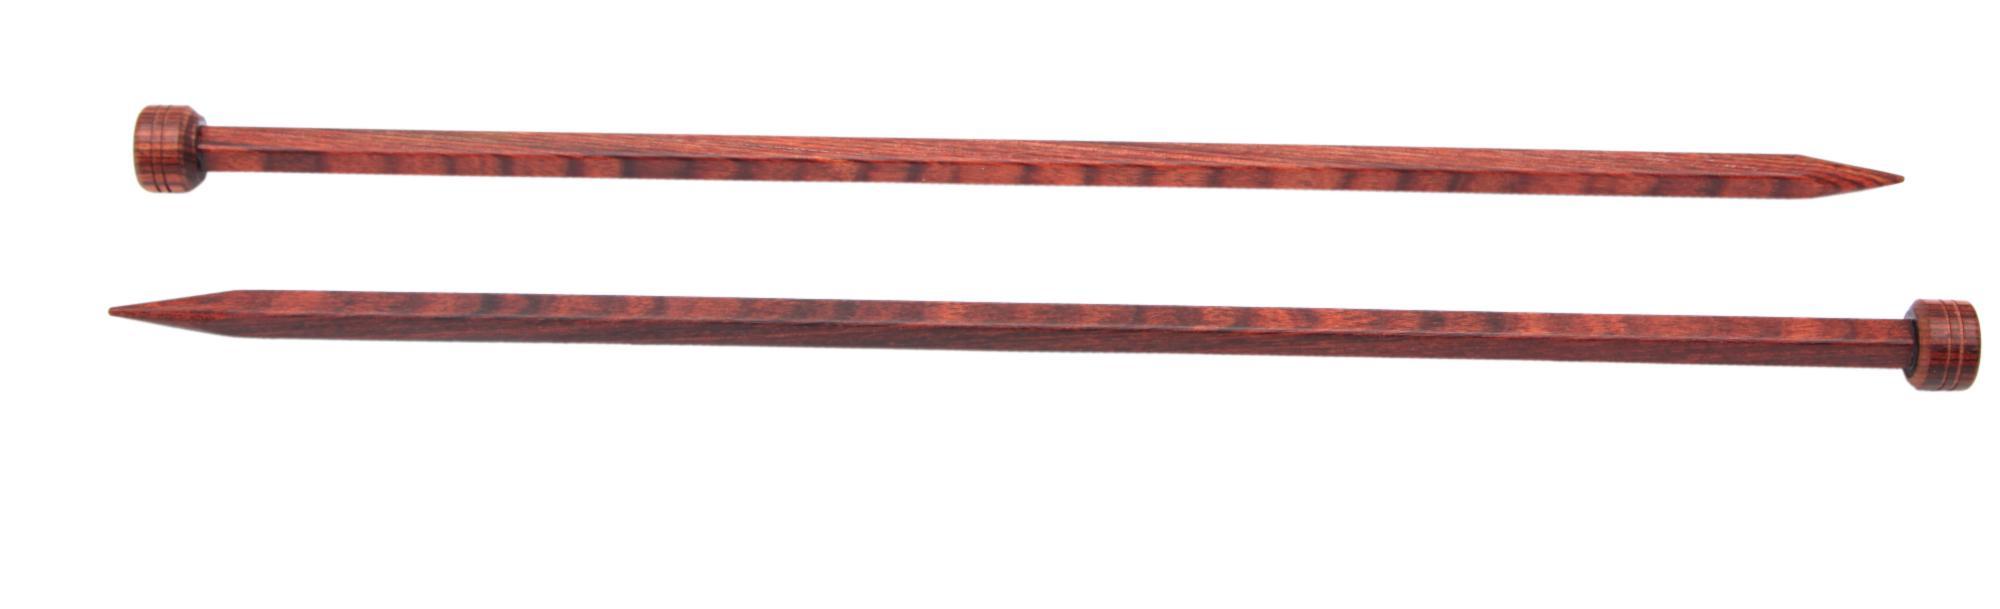 Спицы прямые 25 см Cubics Symfonie-Rose KnitPro, 25240, 6.00 мм